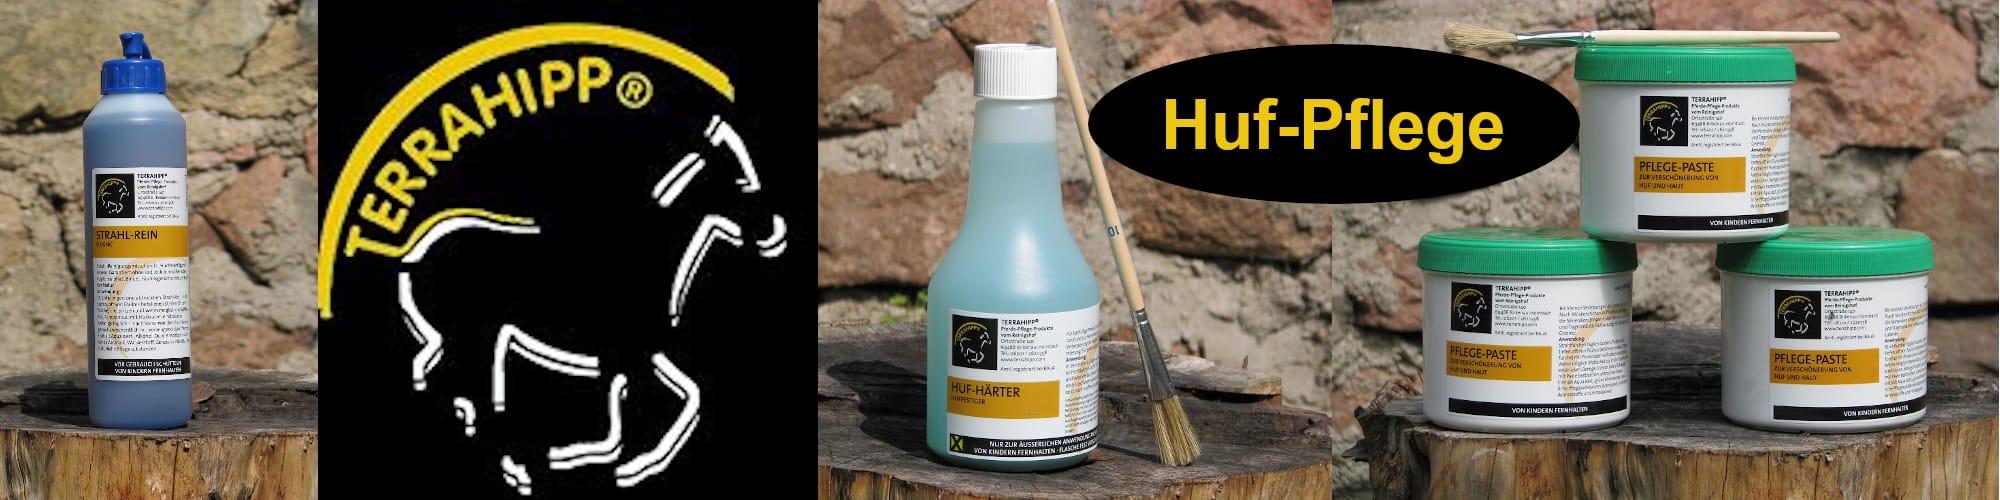 HufPflegeprodukte-Slider21_2_web